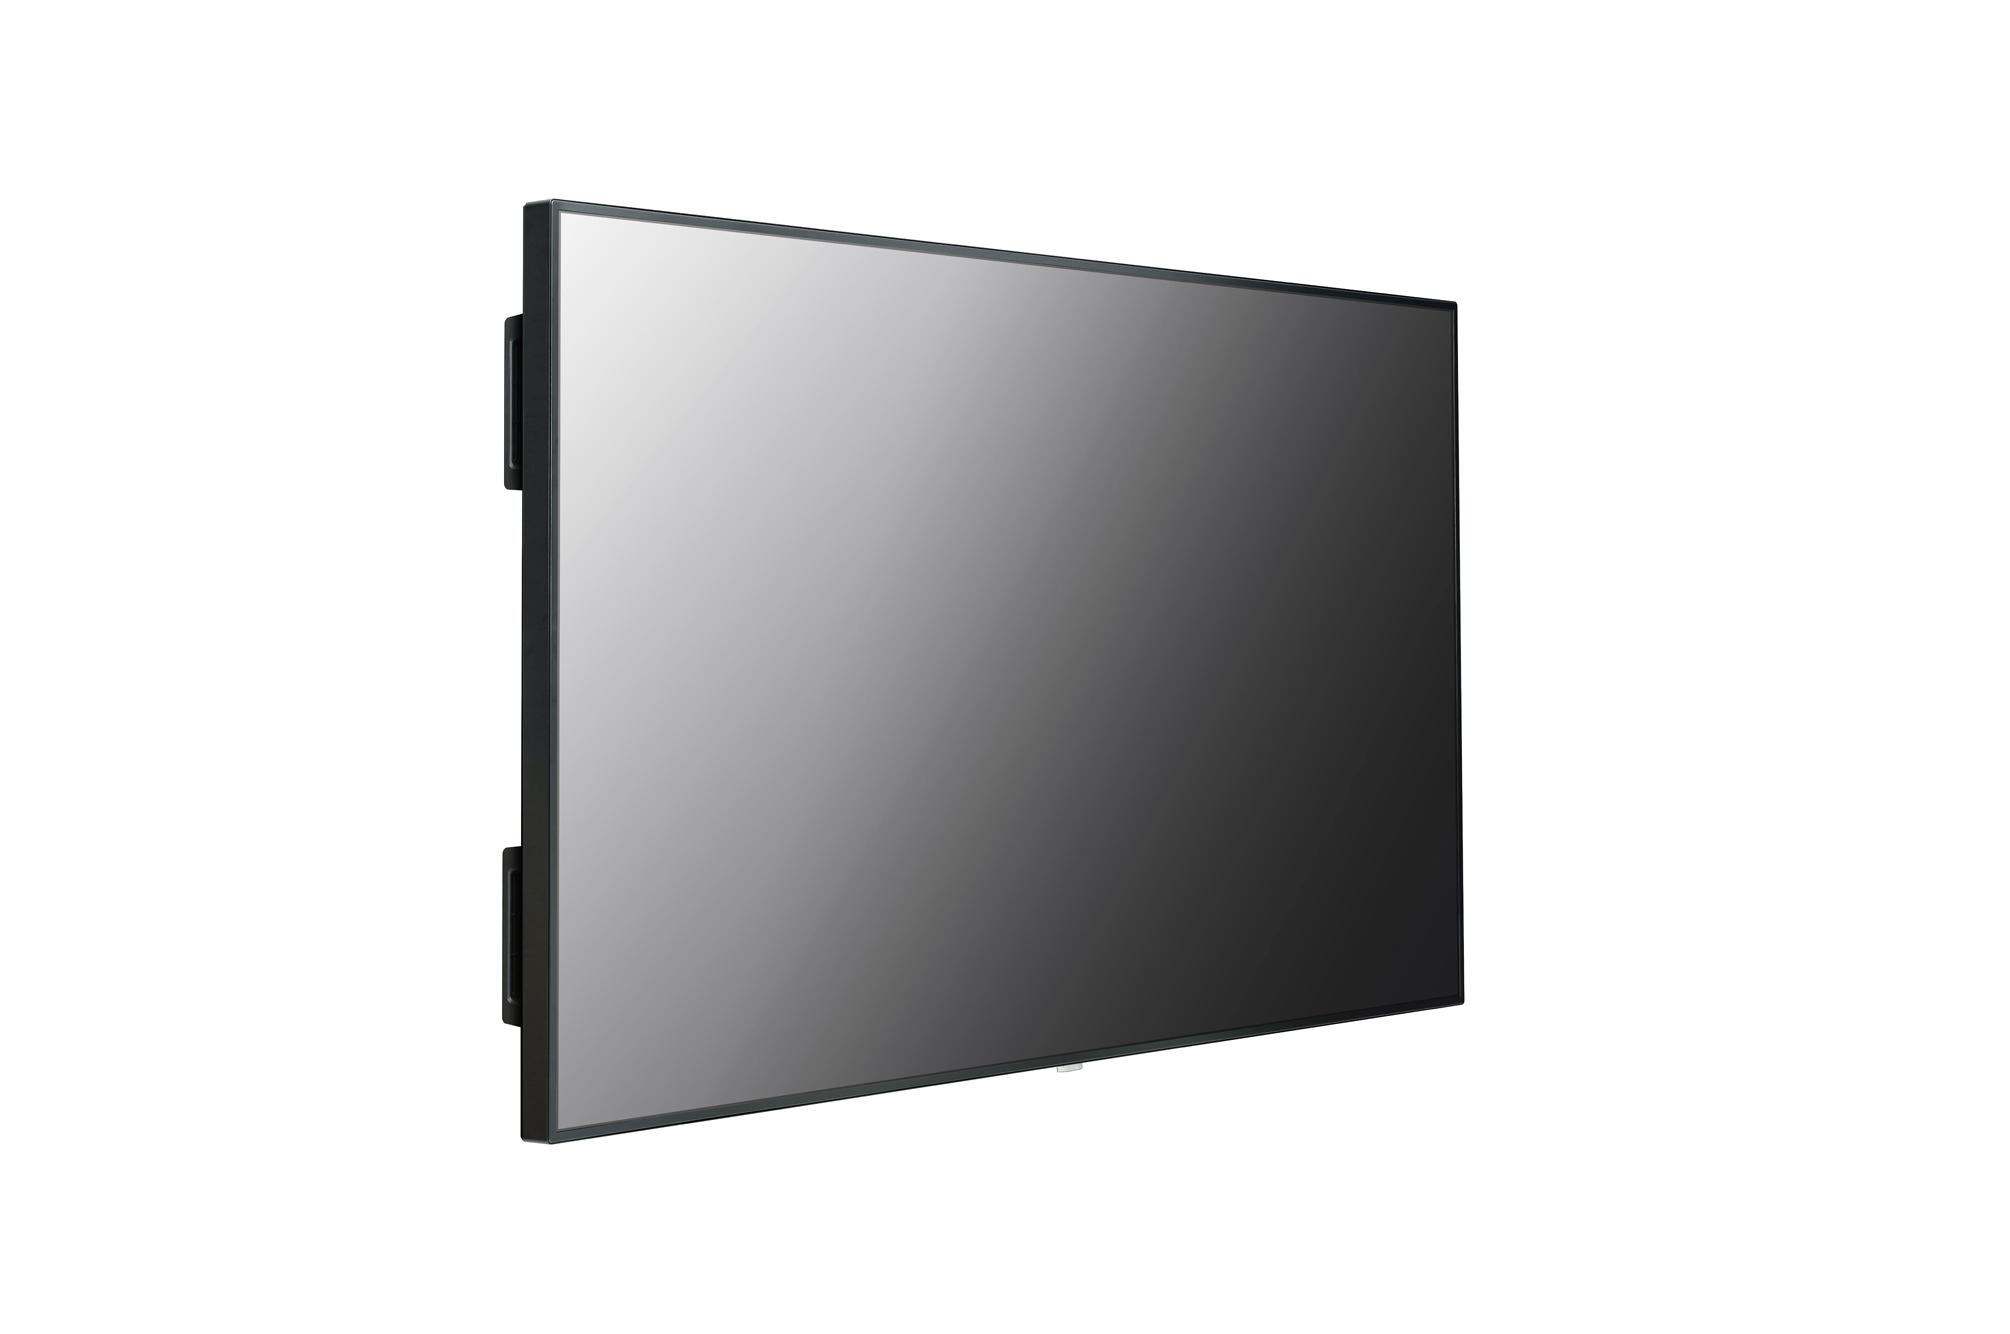 LG Standard Premium 98UH5F-B 6